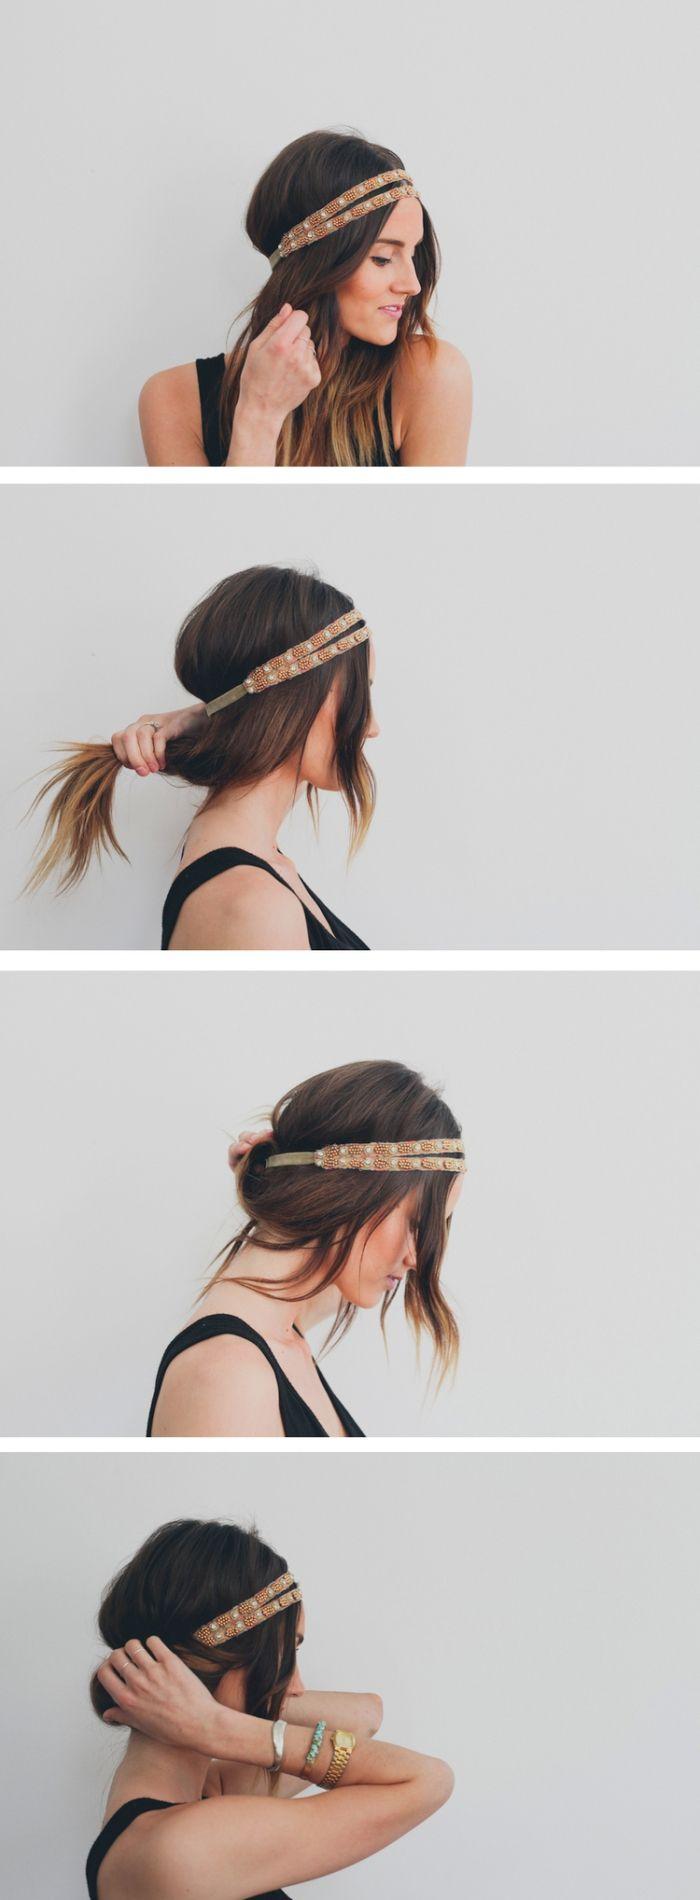 1001 Idees Pour La Coiffure Avec Headband Parfaite Coiffure Avec Headband Coiffure Facile Coiffure